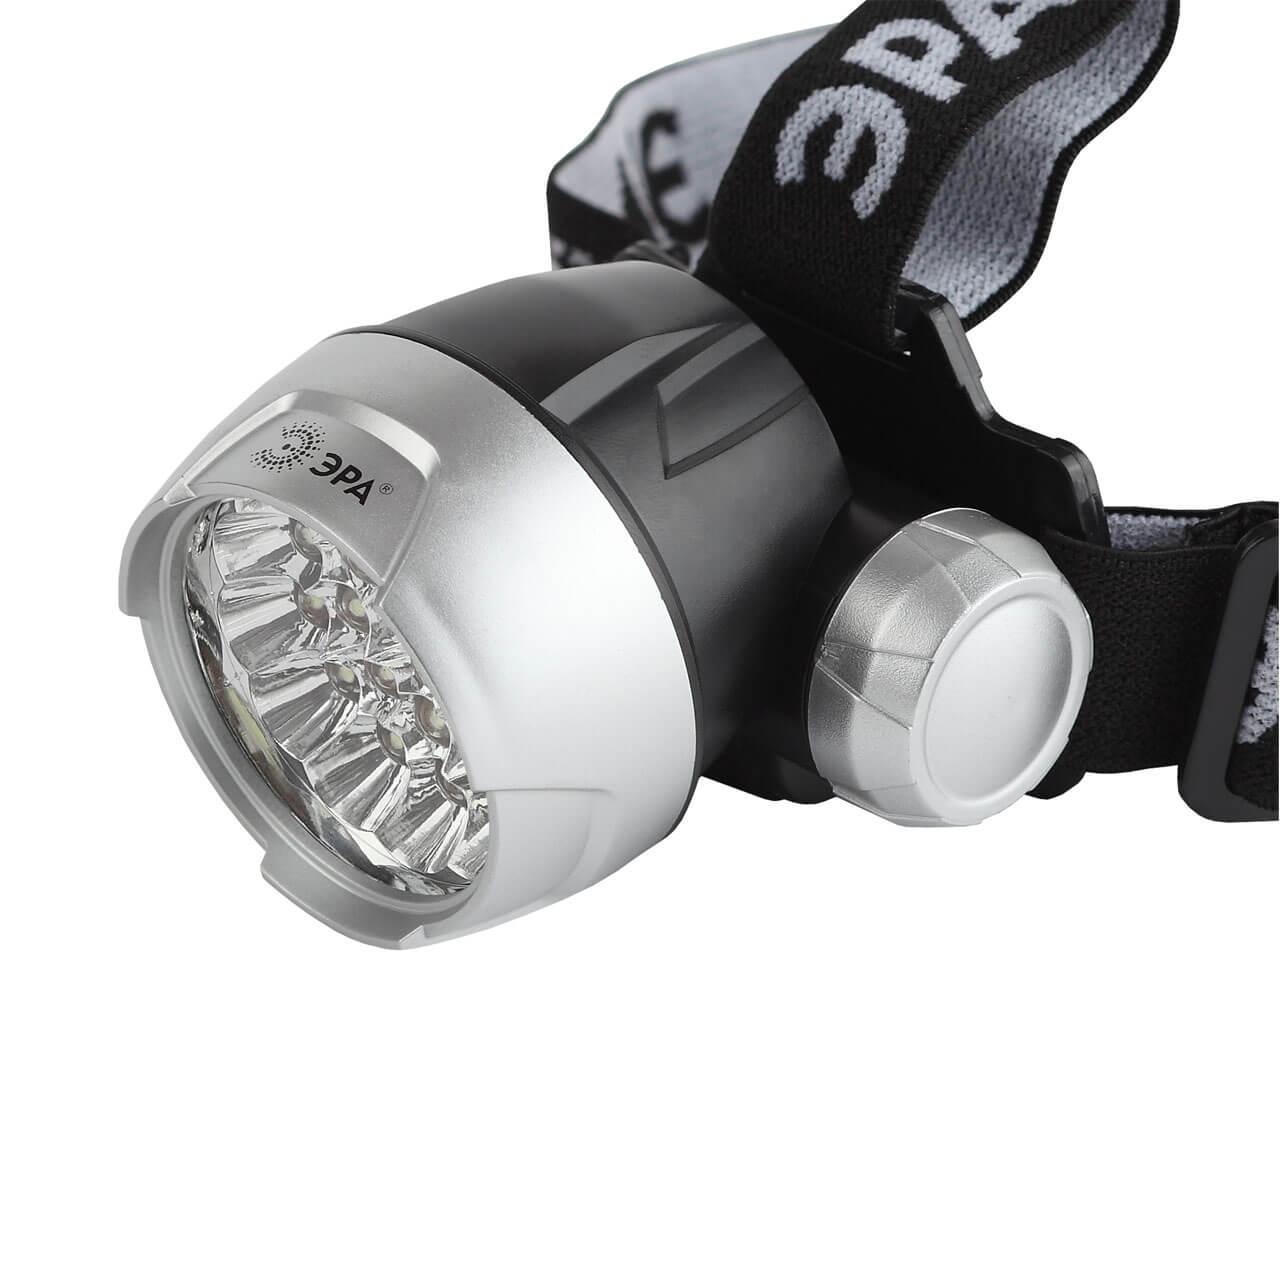 Налобный светодиодный фонарь ЭРА от батареек GB-706 светодиодный алюминиевый фонарь эра sd9